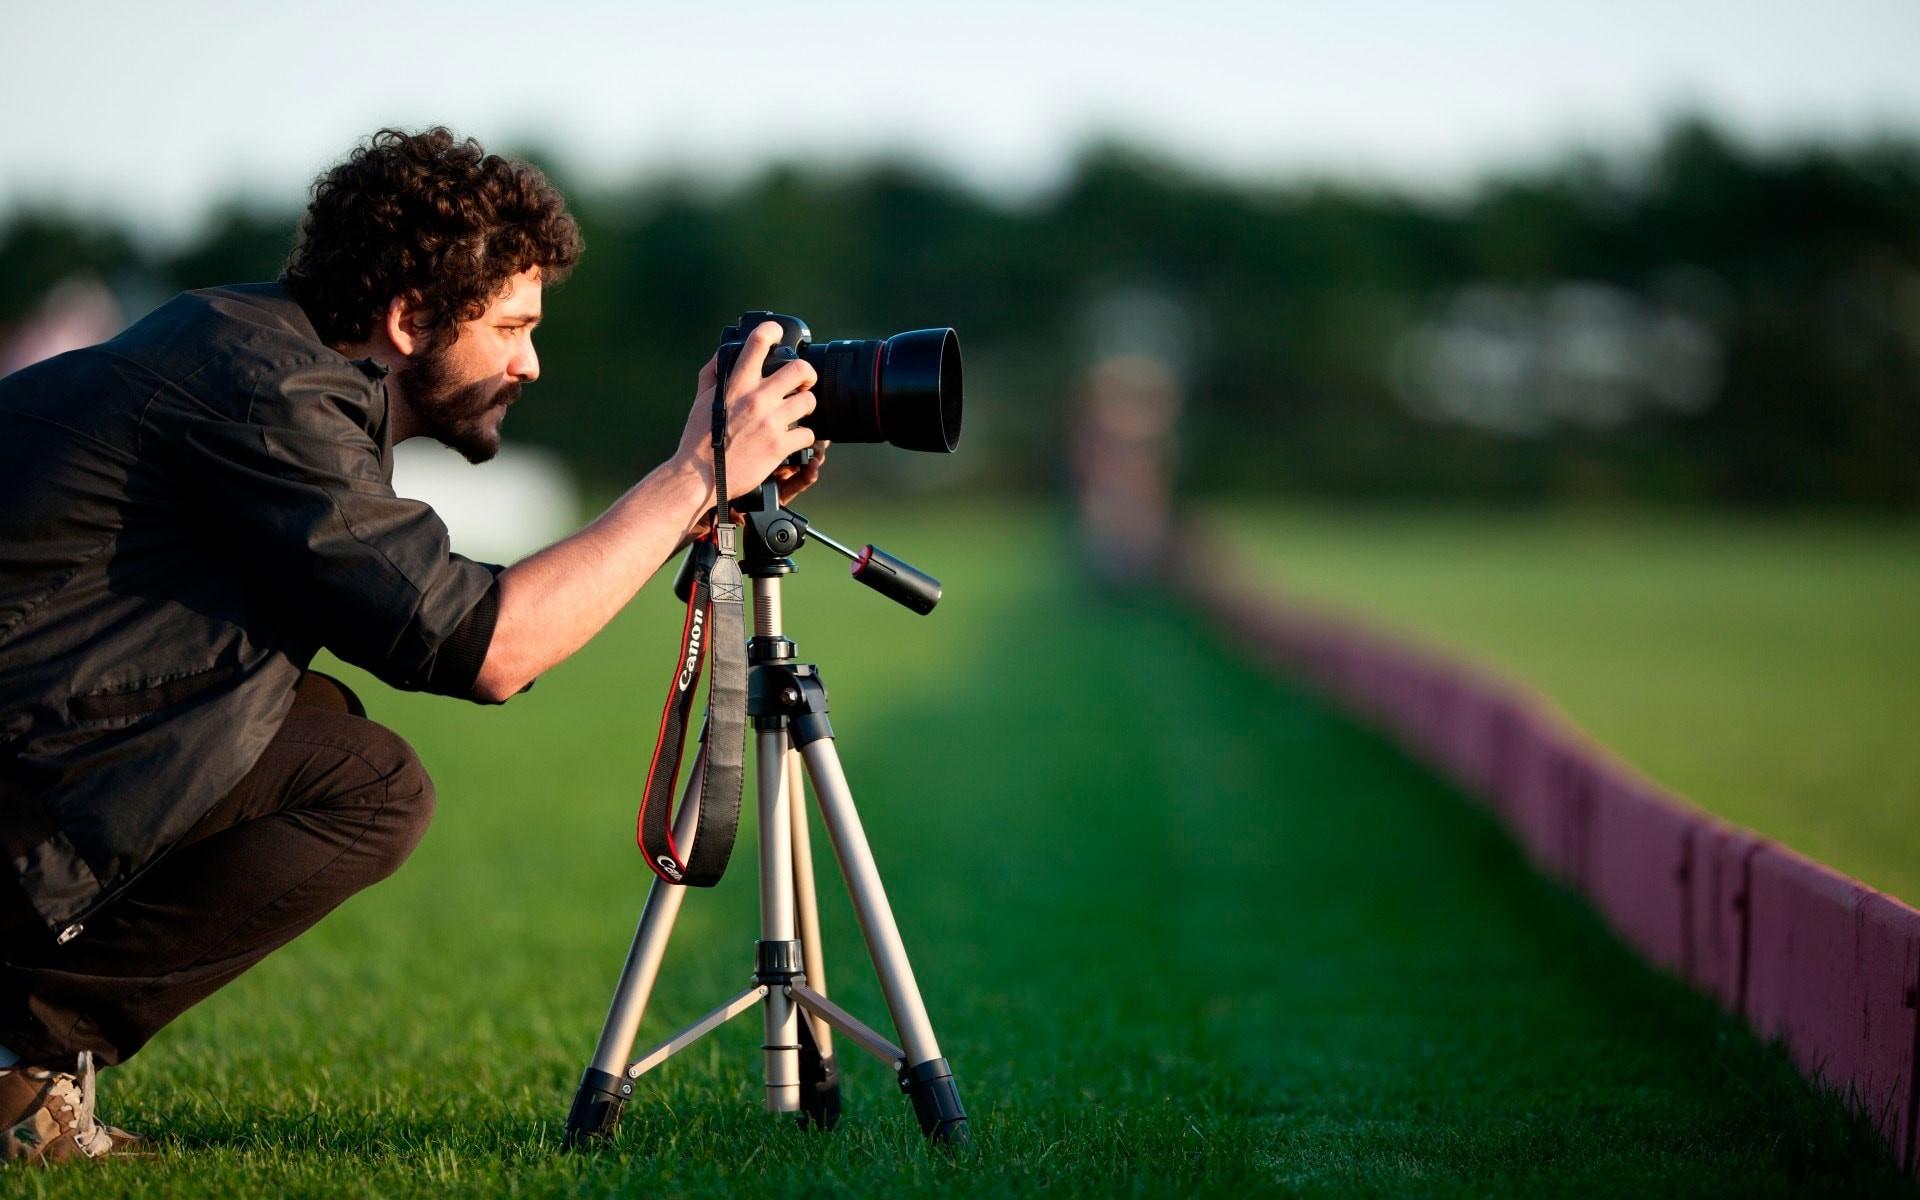 Сколько фото получается за час фотосъемки